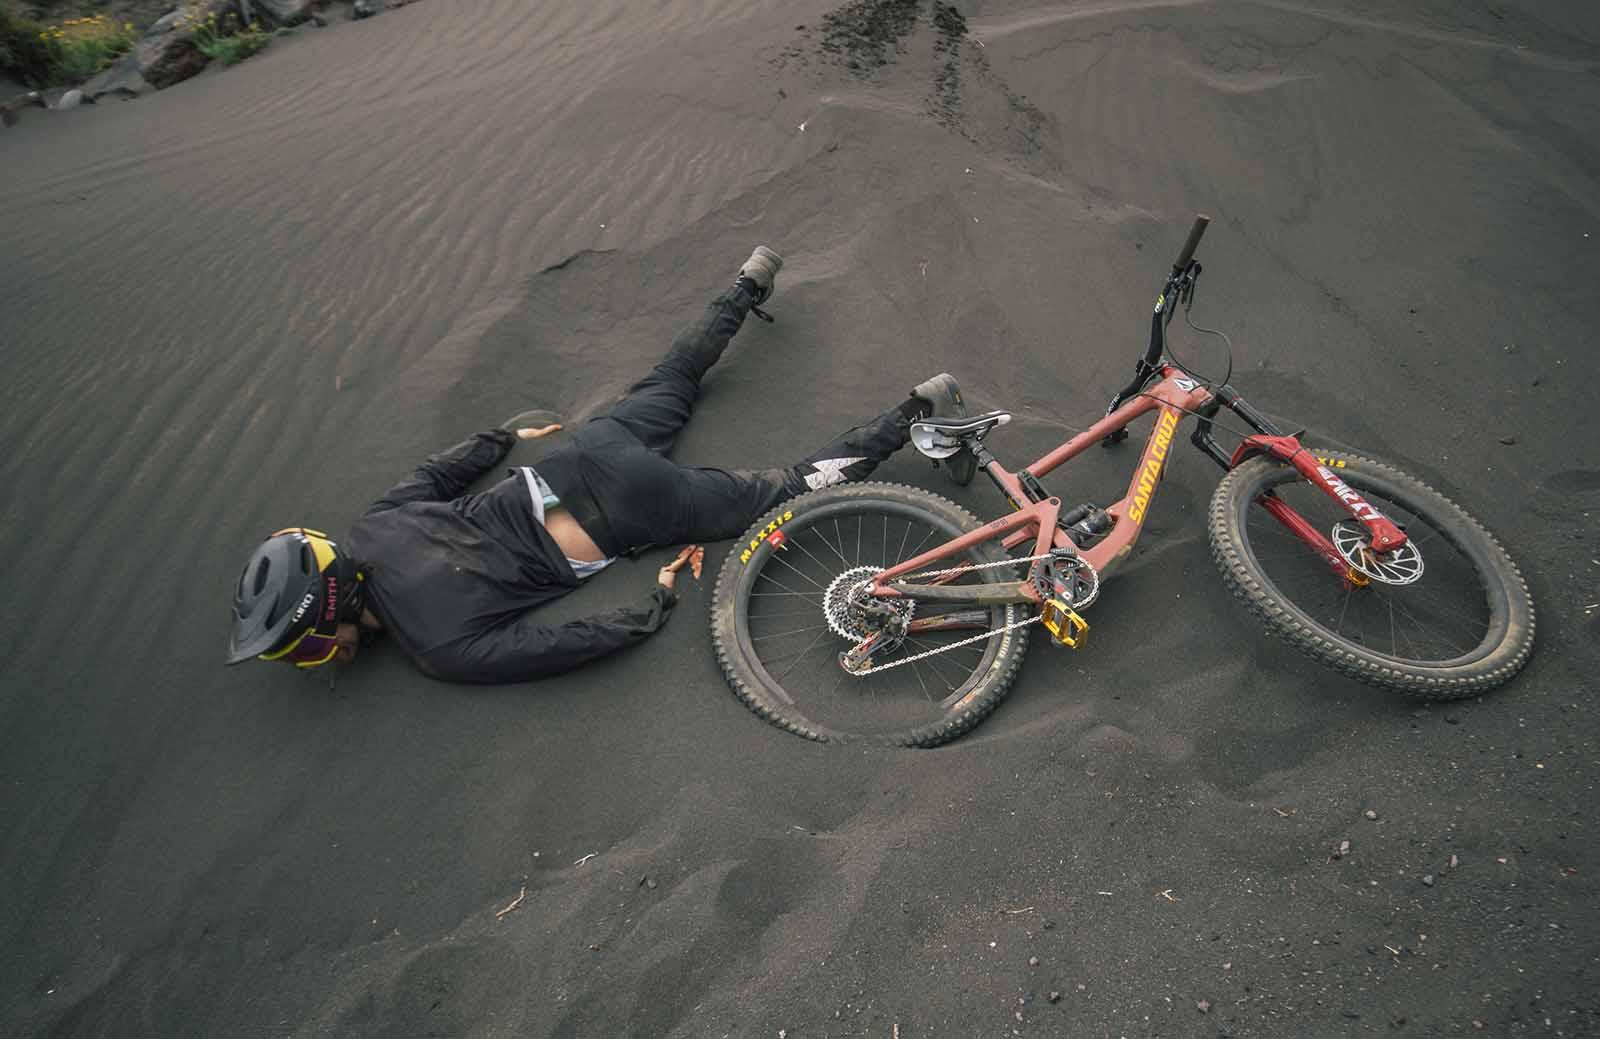 Santa Cruz Bronson trail bike